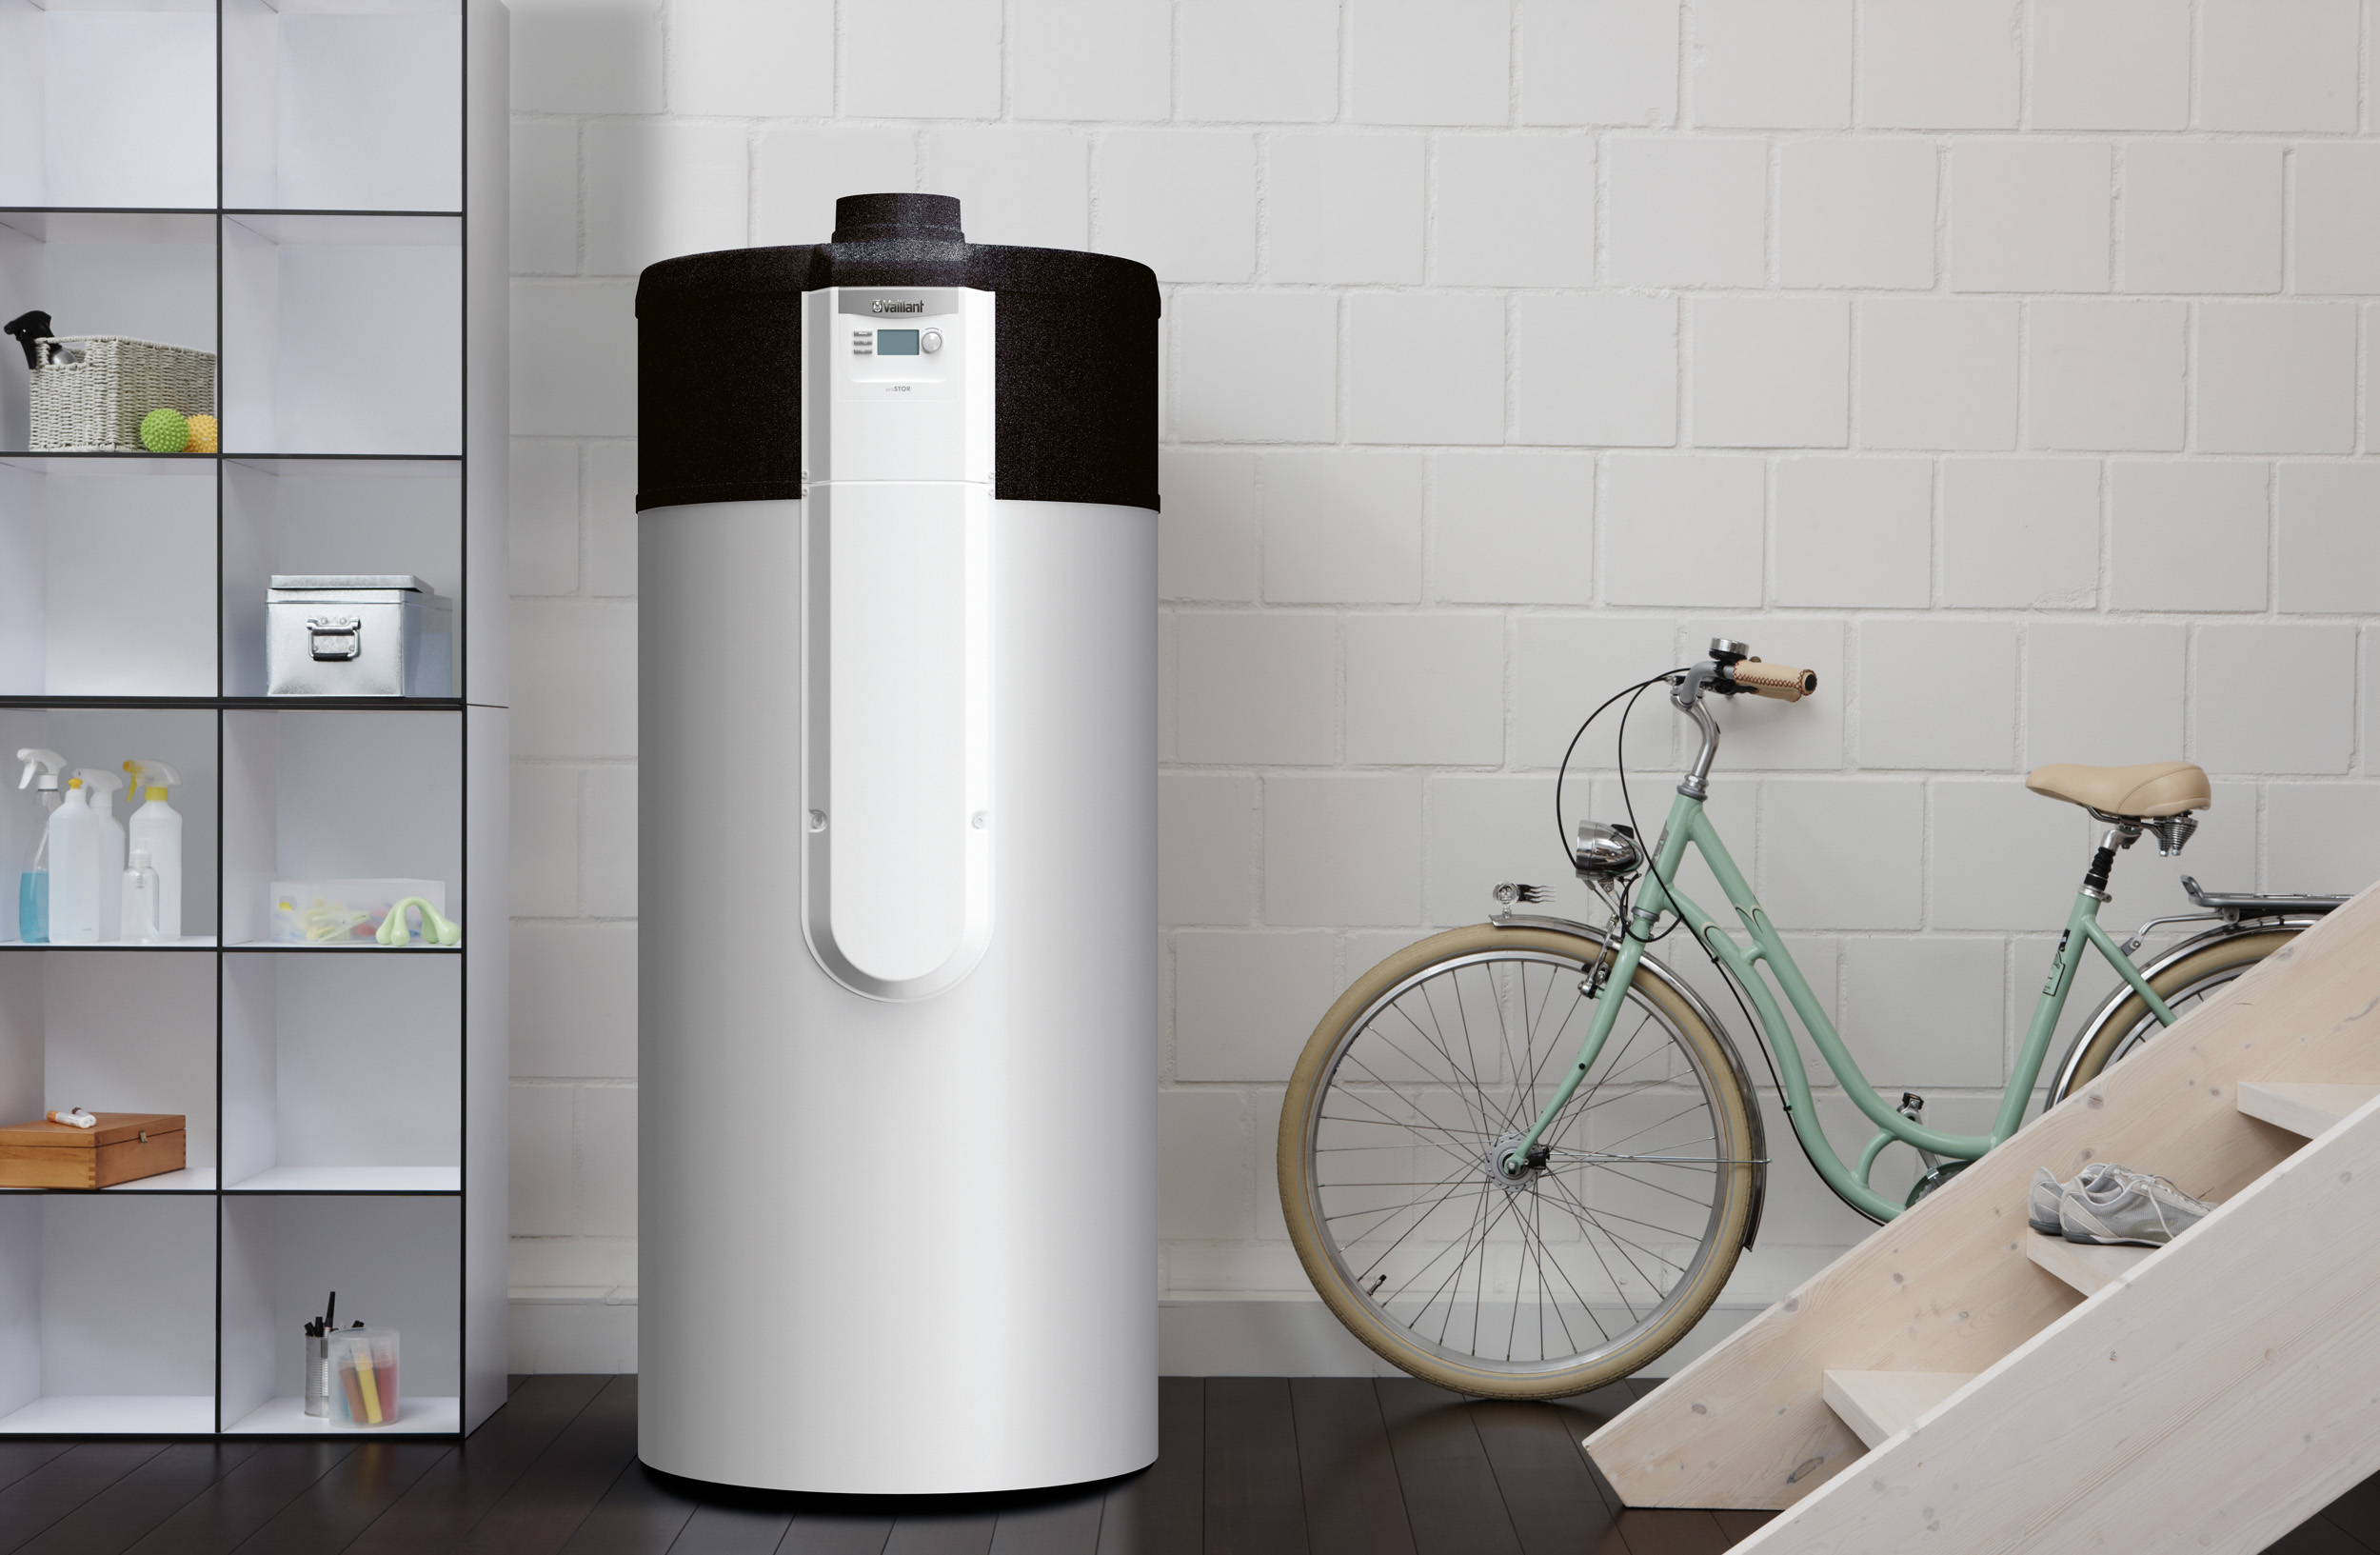 Energreen installe votre boiler thermodynamique Vaillant aroSTOR pour la production d'eau chaude